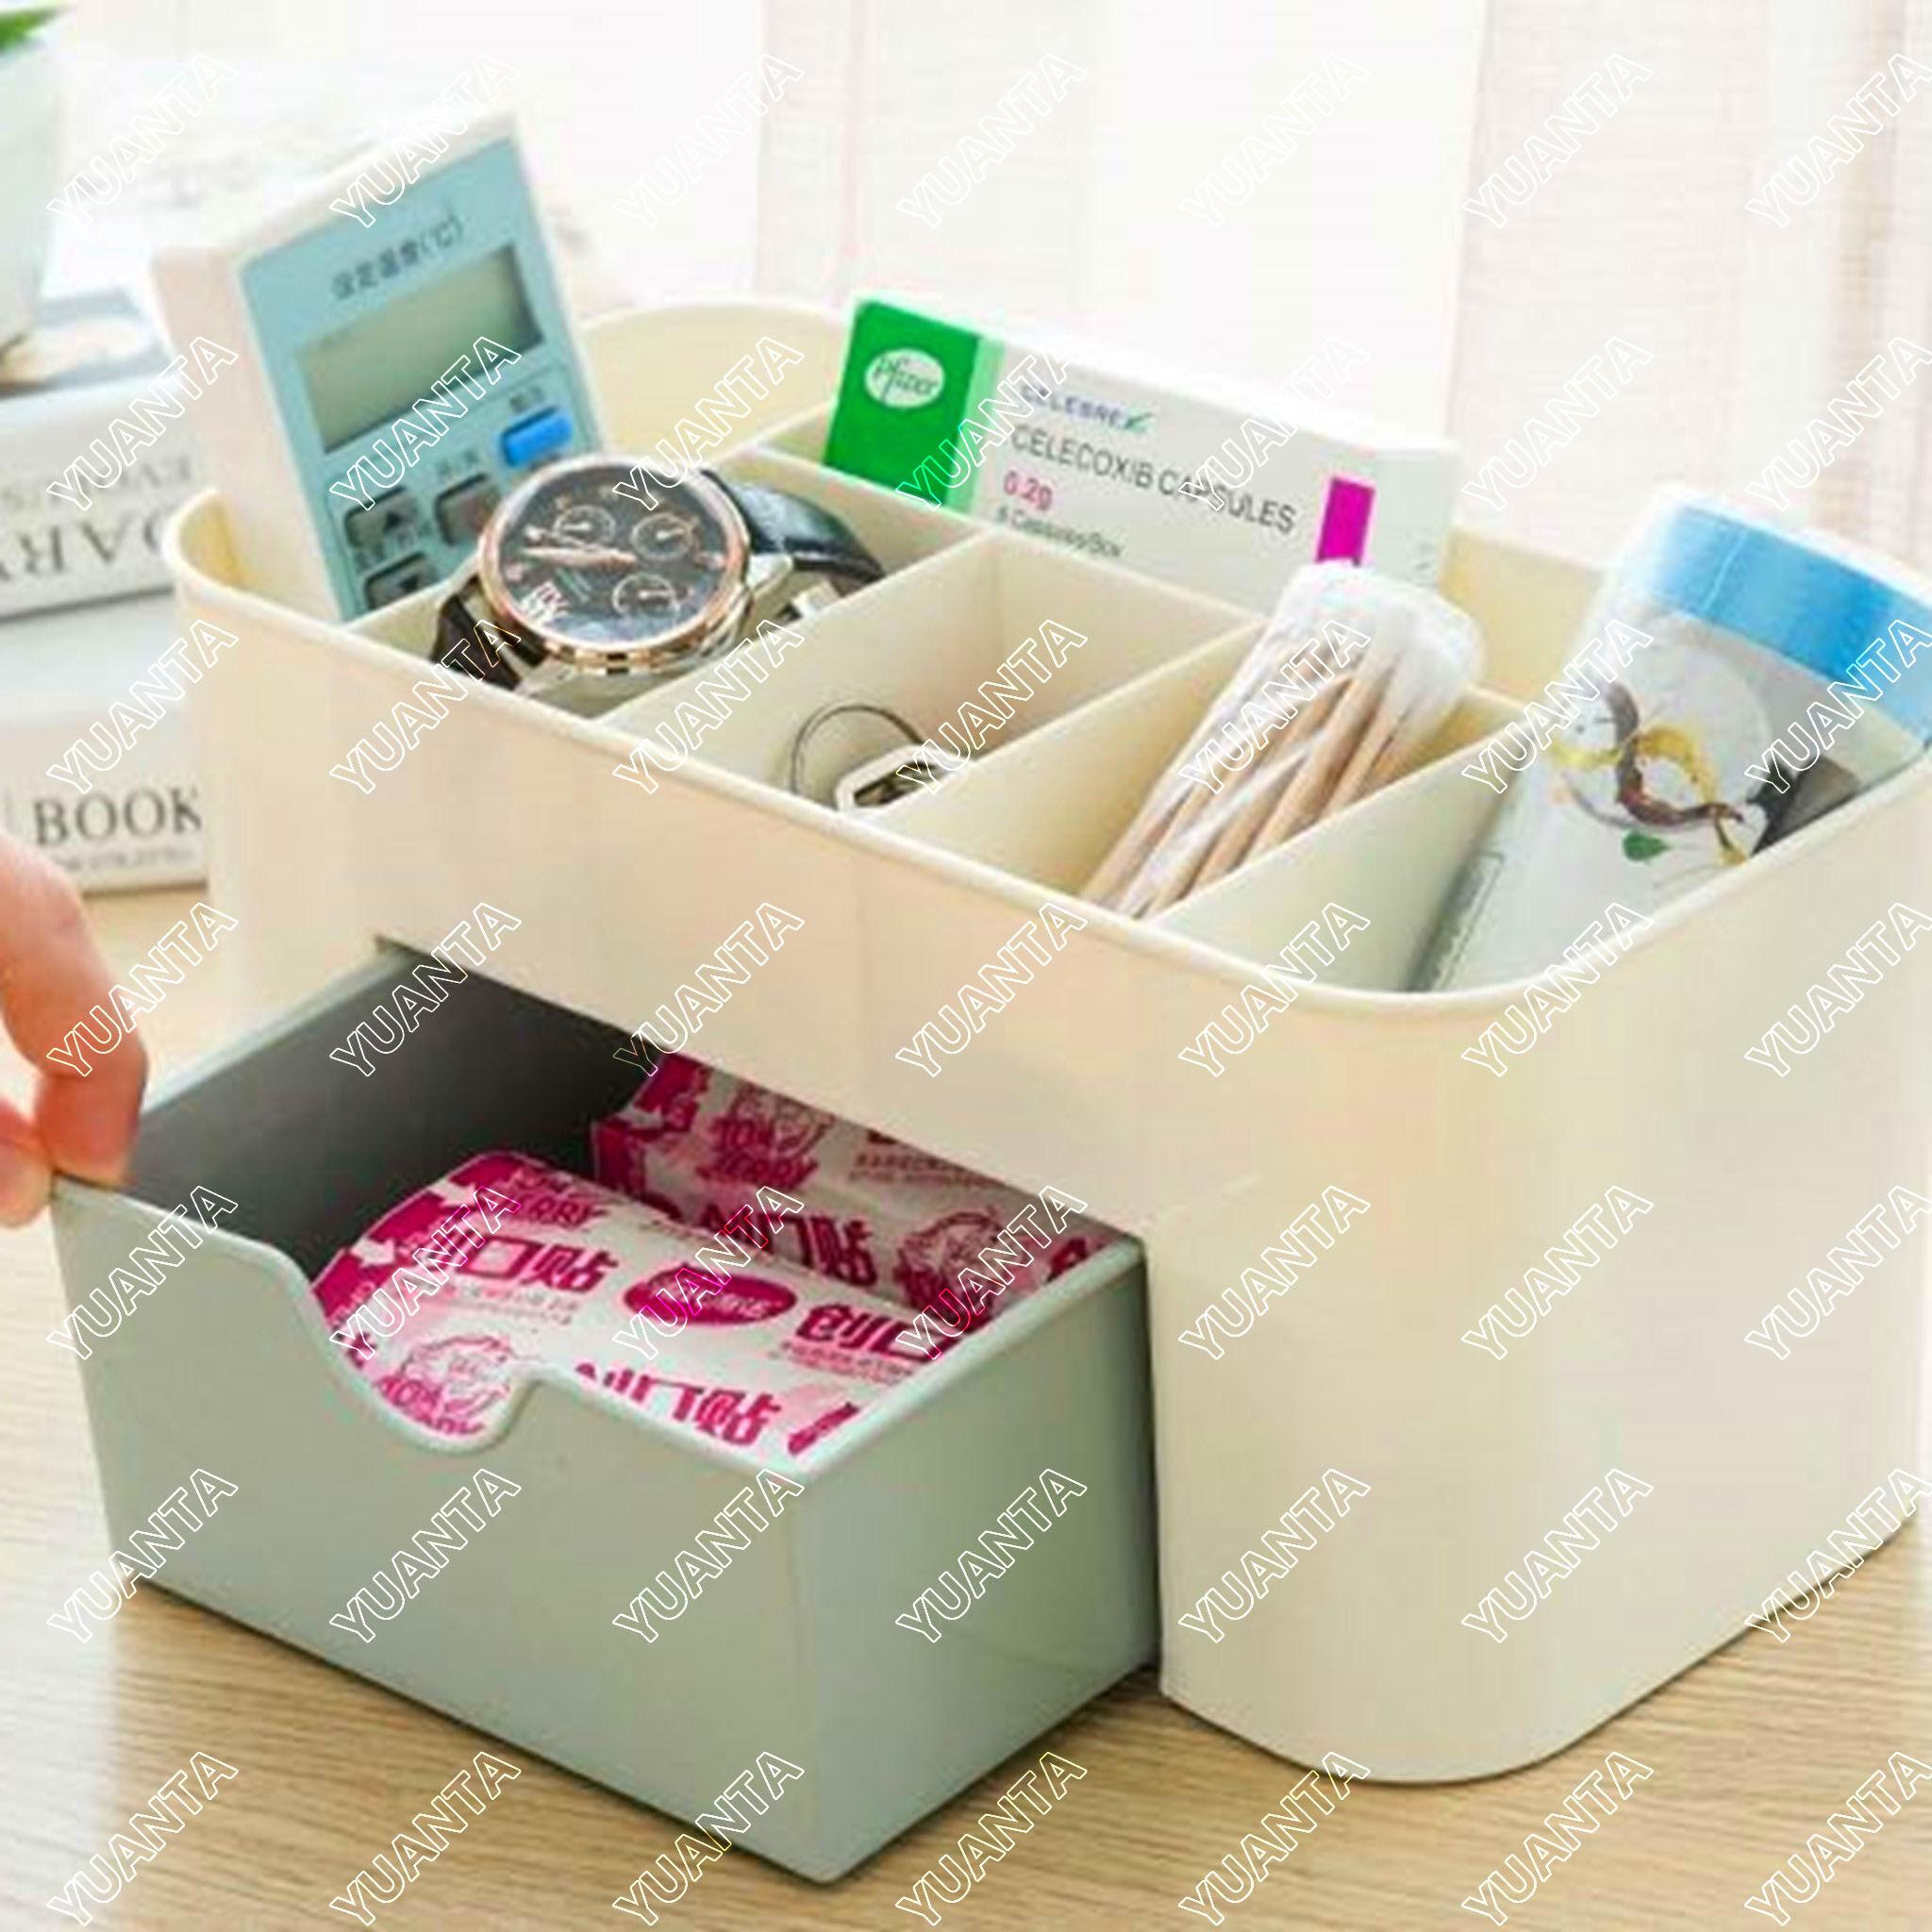 YUANTA กล่องวางเครื่องสำอางค์ กล่องเก็บอุปกรณ์สำนักงาน กล่องเอนกประสงค์ กล่องเก็บตาราง กล่องเก็บเครื่องสำอาง Table storage box, Cosmetic storage box